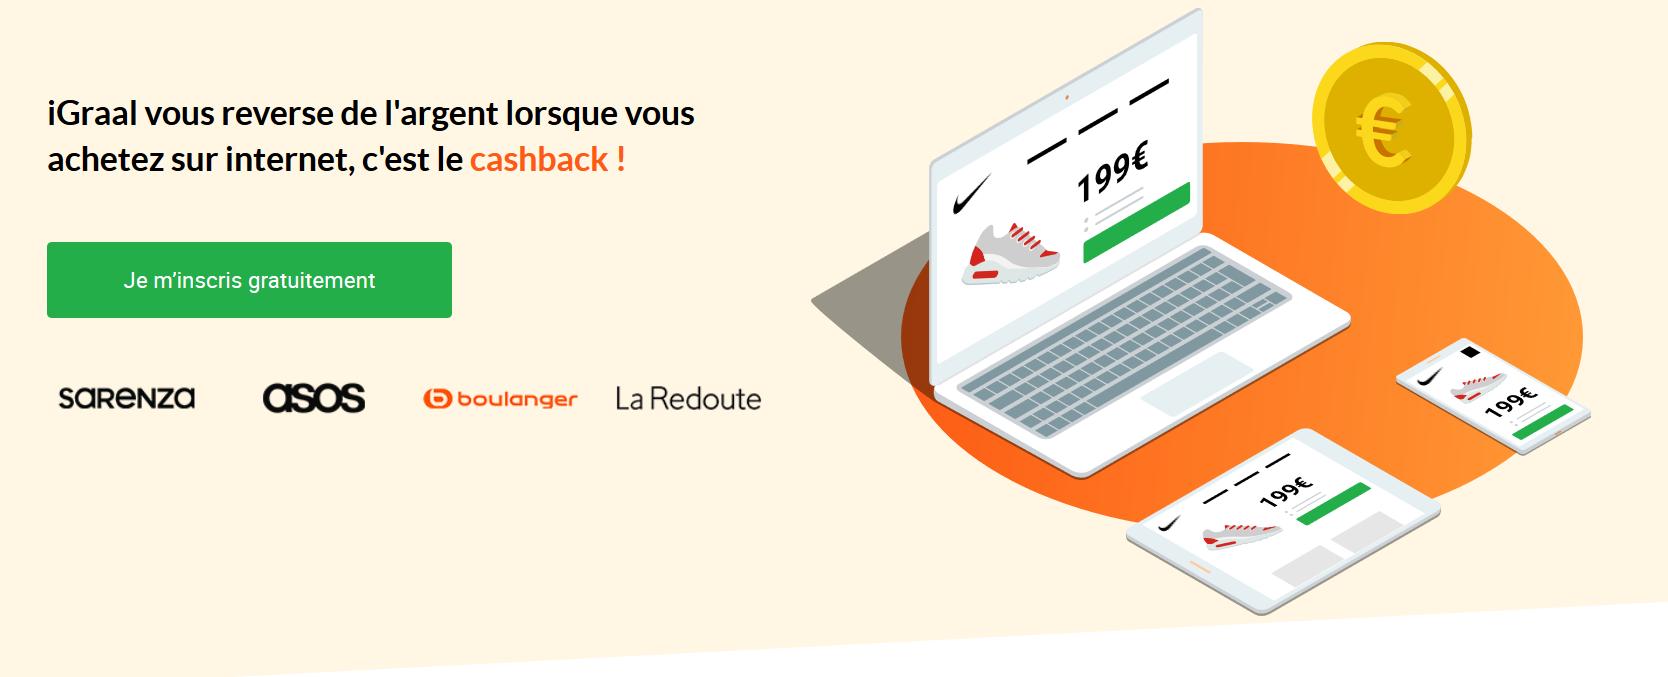 Utiliser un site de cashback pour faire des économies sur son budget voyage : Igraal